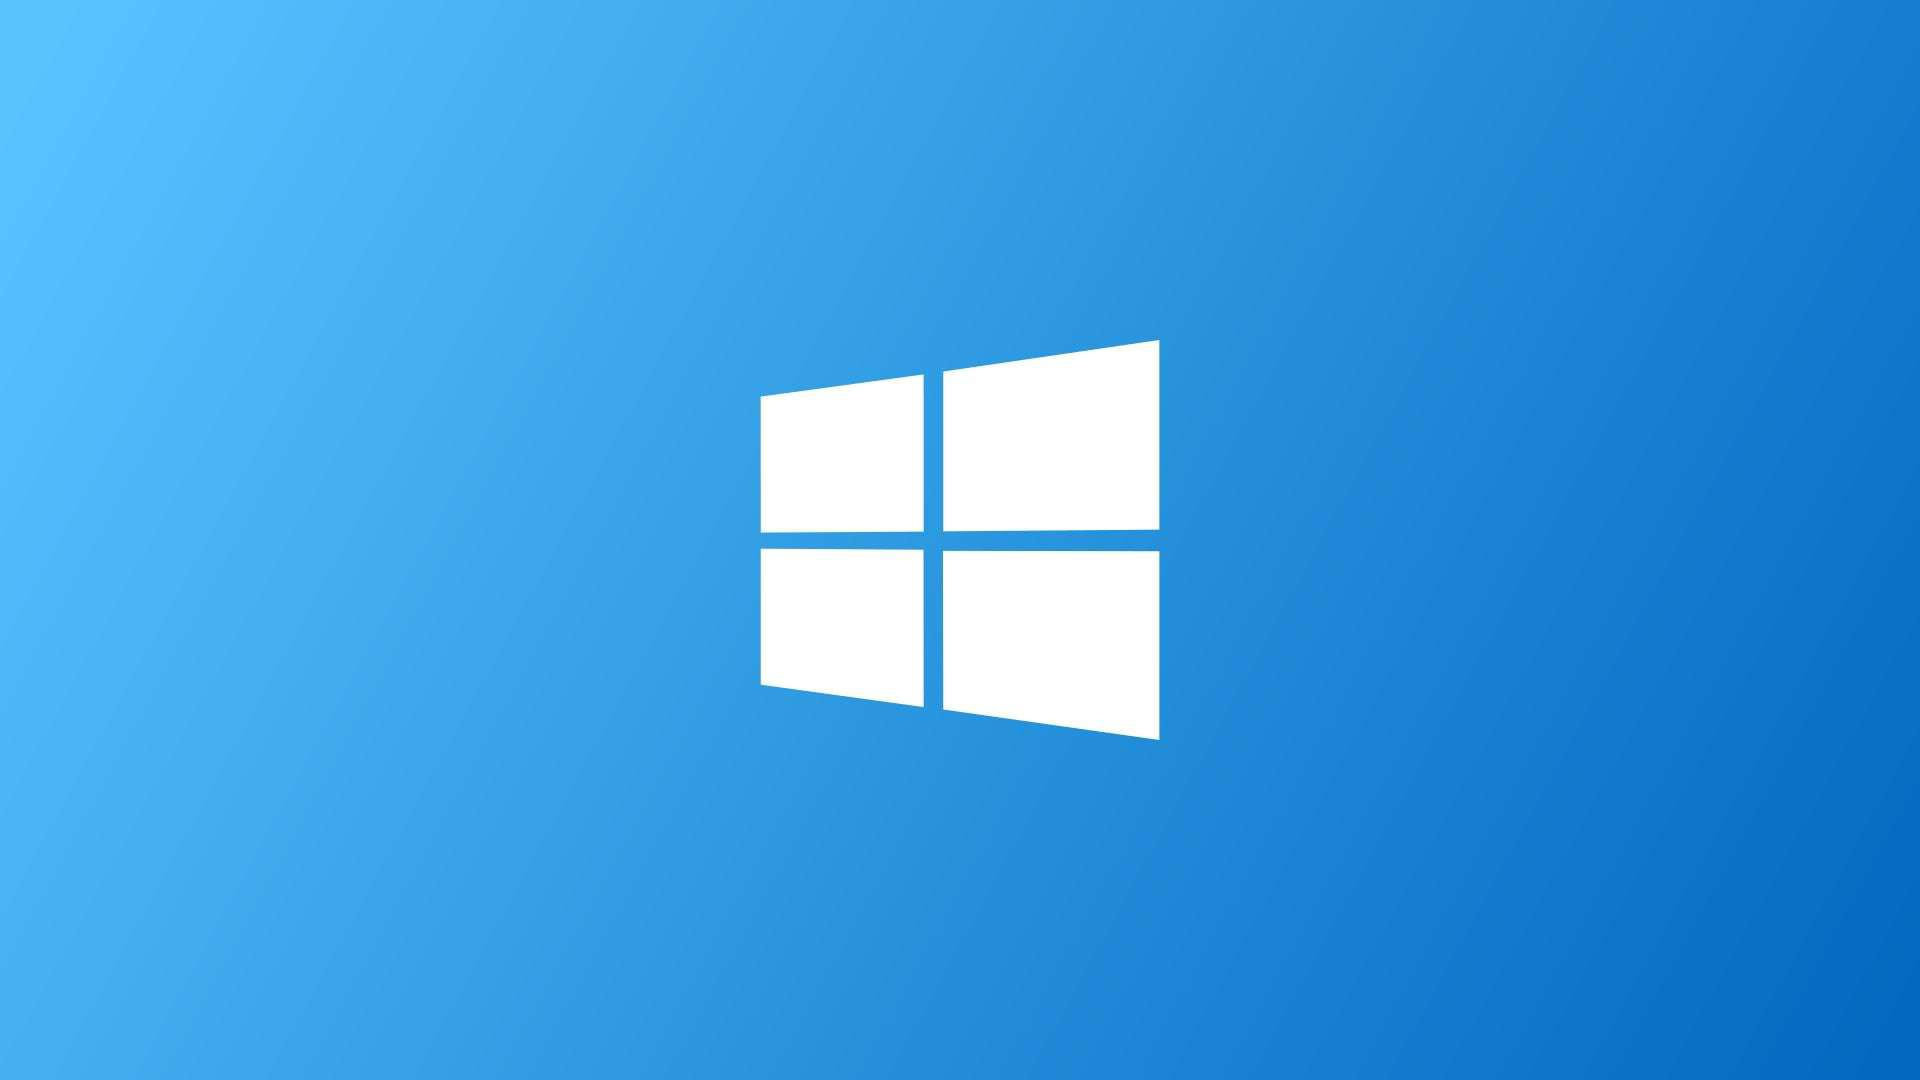 مايكروسوفت تدفع قريباً التصميم الجديد لقائمة WINDOWS 10 الرئيسية لجميع المستخدمين